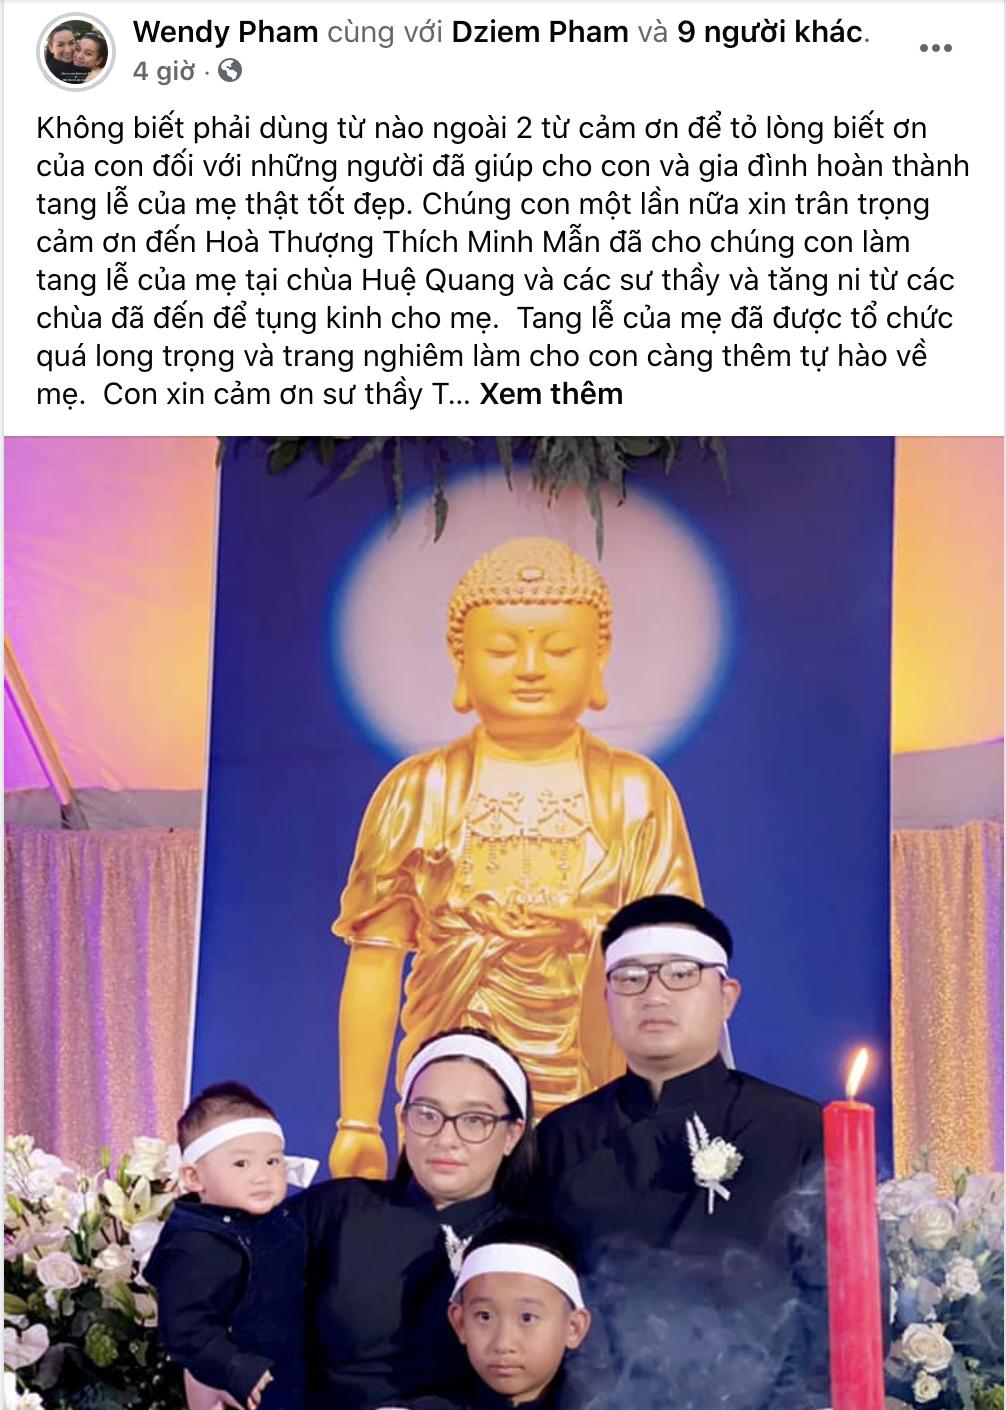 Con gái Phi Nhung nói lời cảm ơn sau khi hoàn tất tang lễ, cầu xin khán giả một điều cuối cùng liên quan đến mẹ - Ảnh 2.